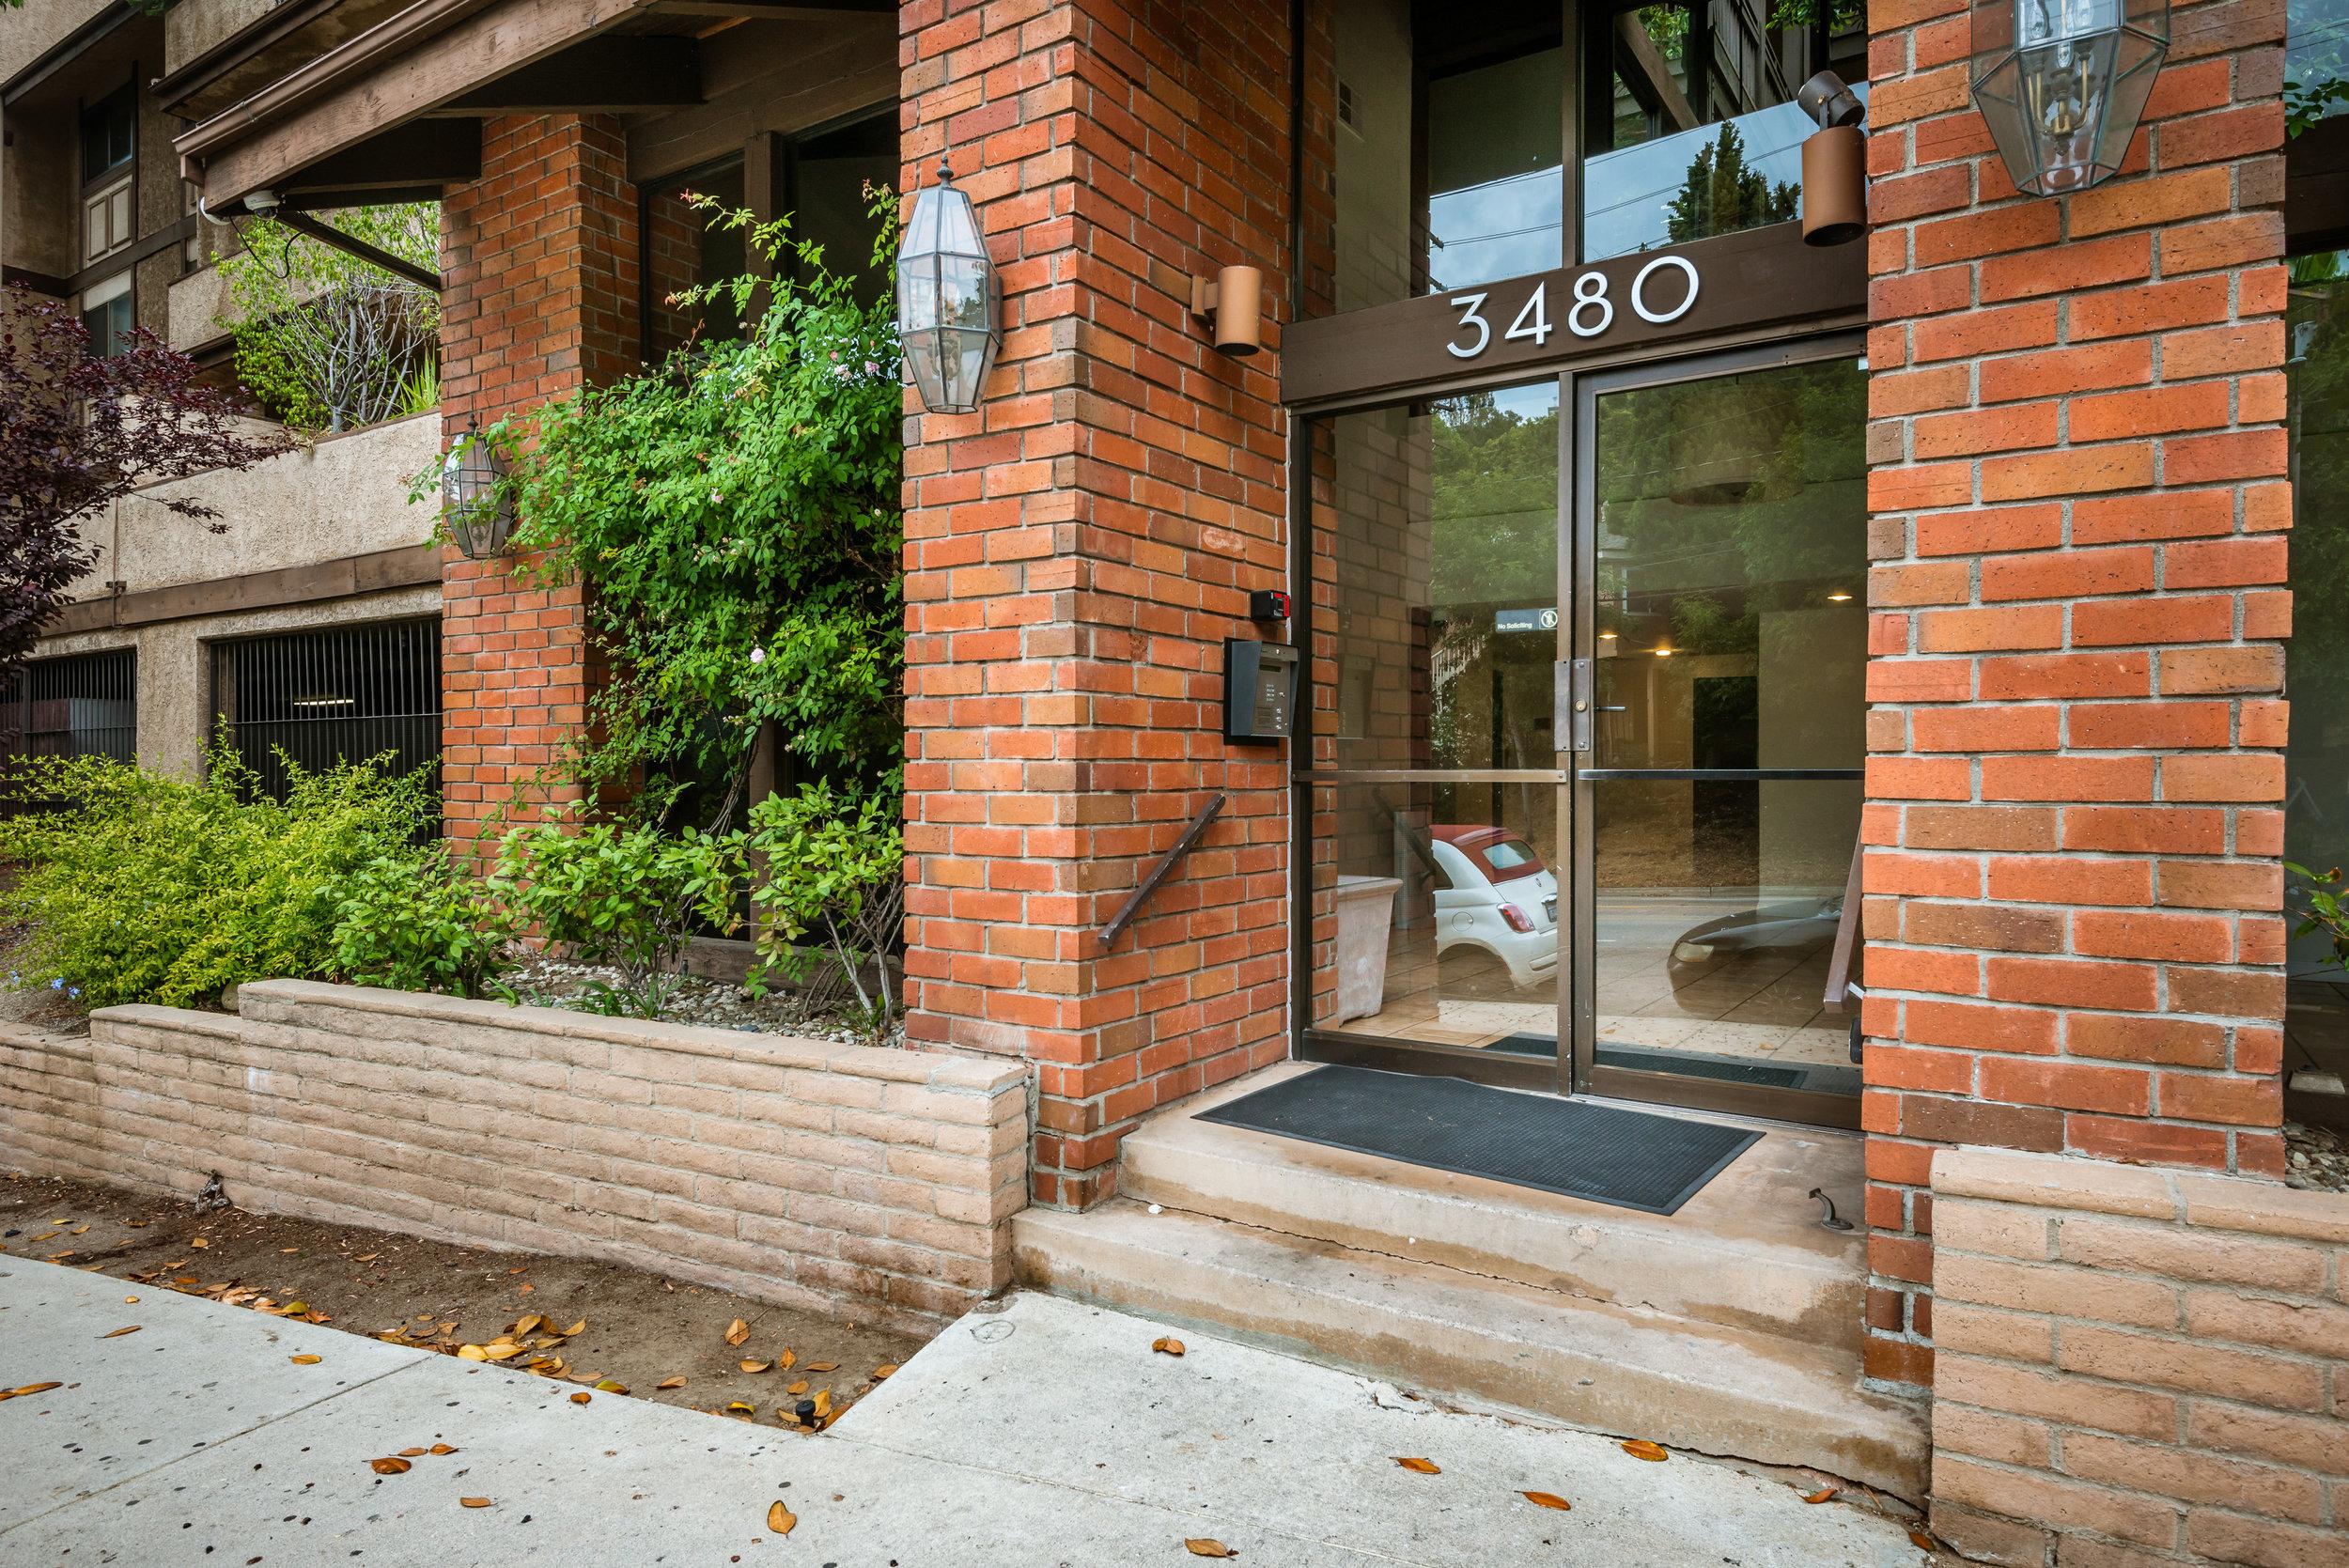 002_Entrance.jpg